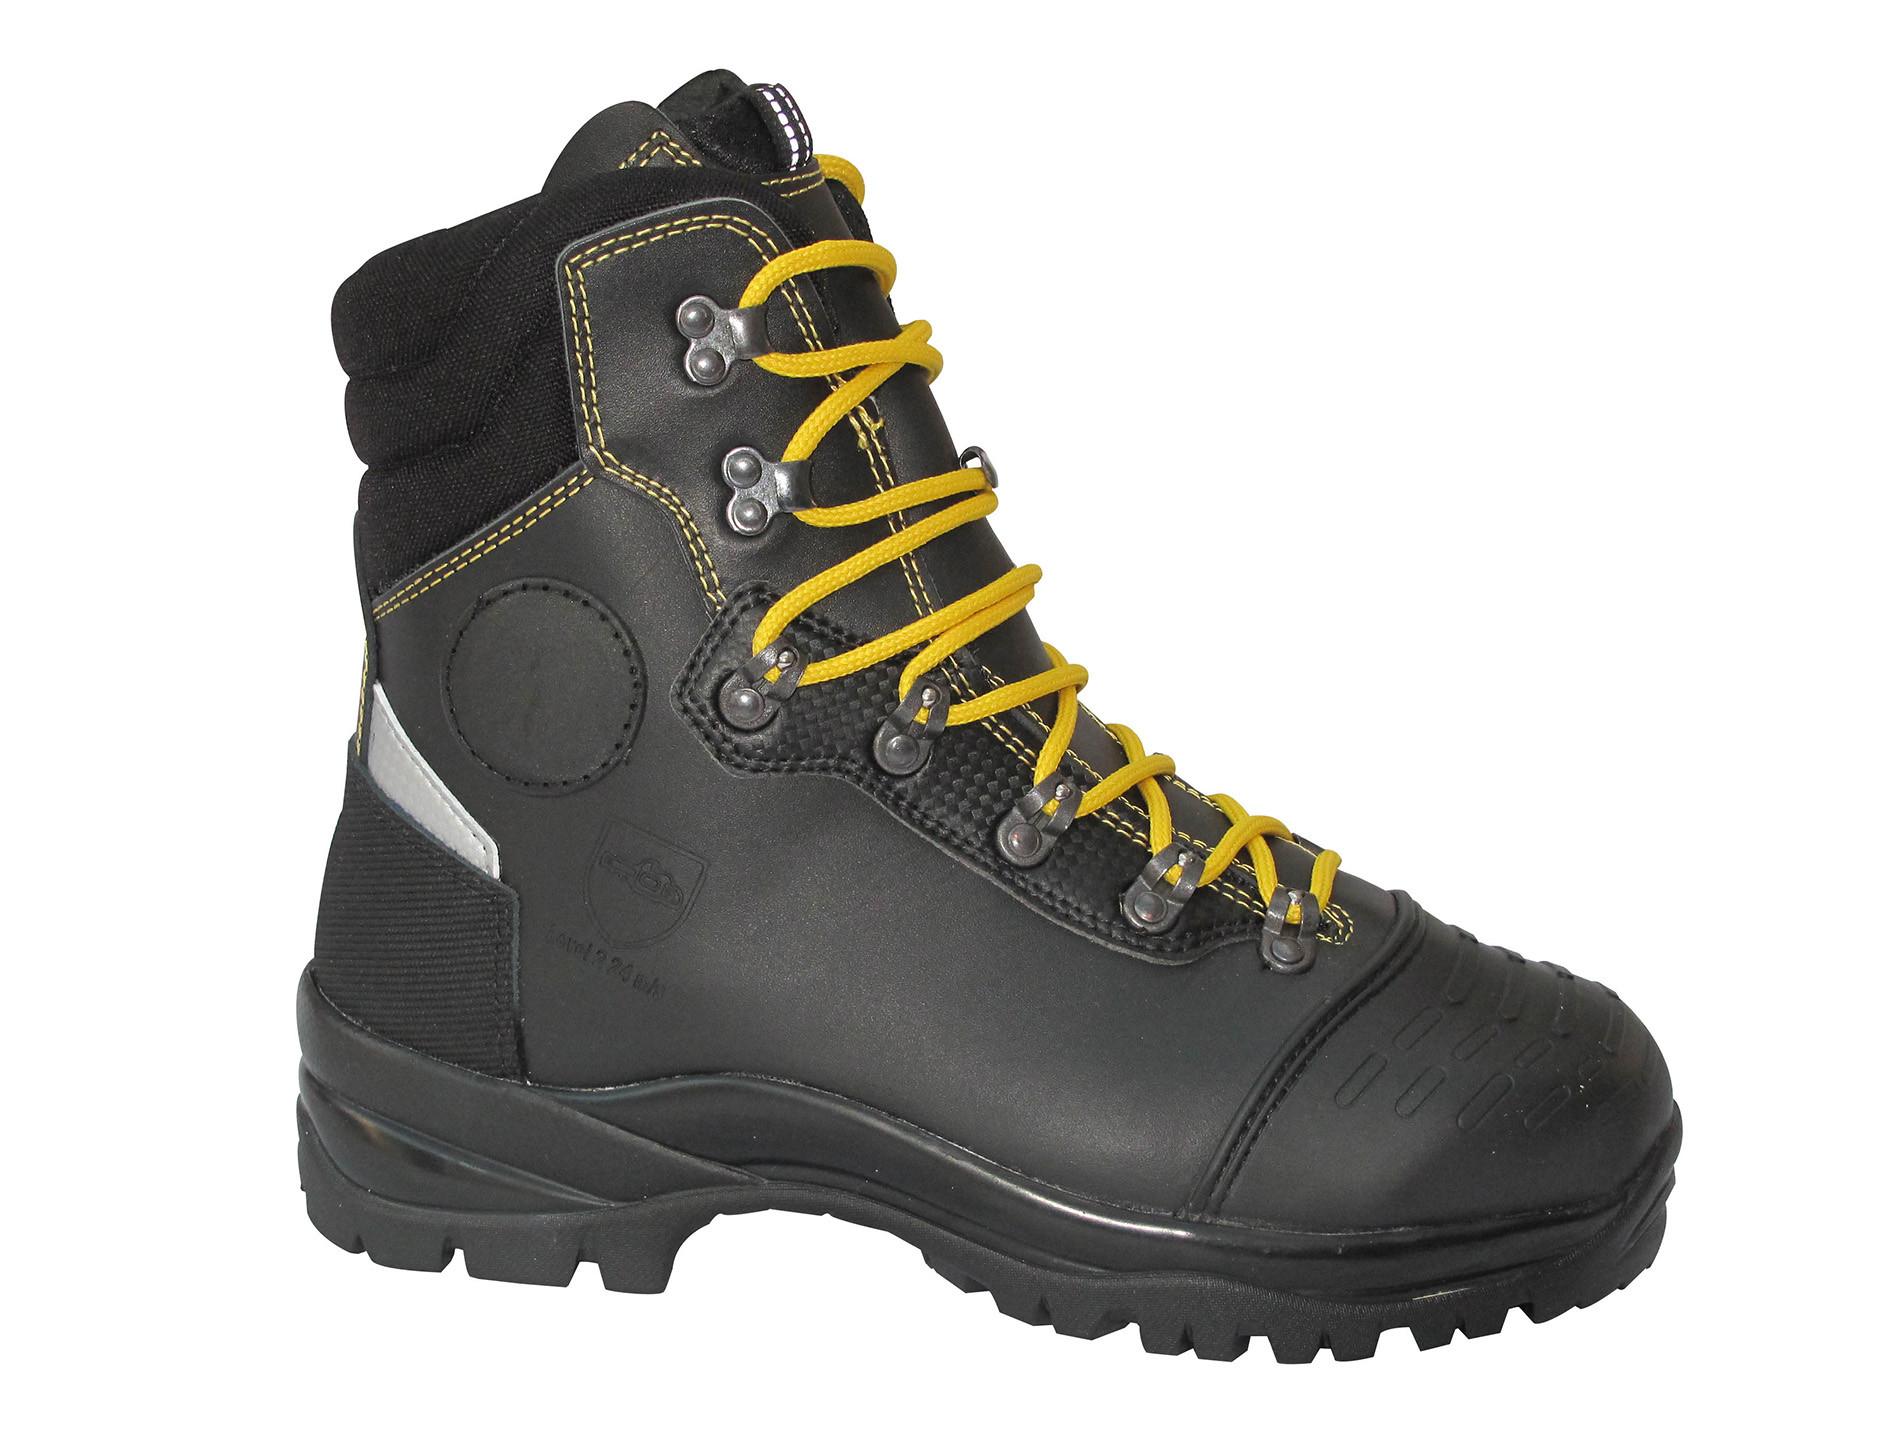 Chaussures de sécurité forestières montantes S3 SRC ONTARIO